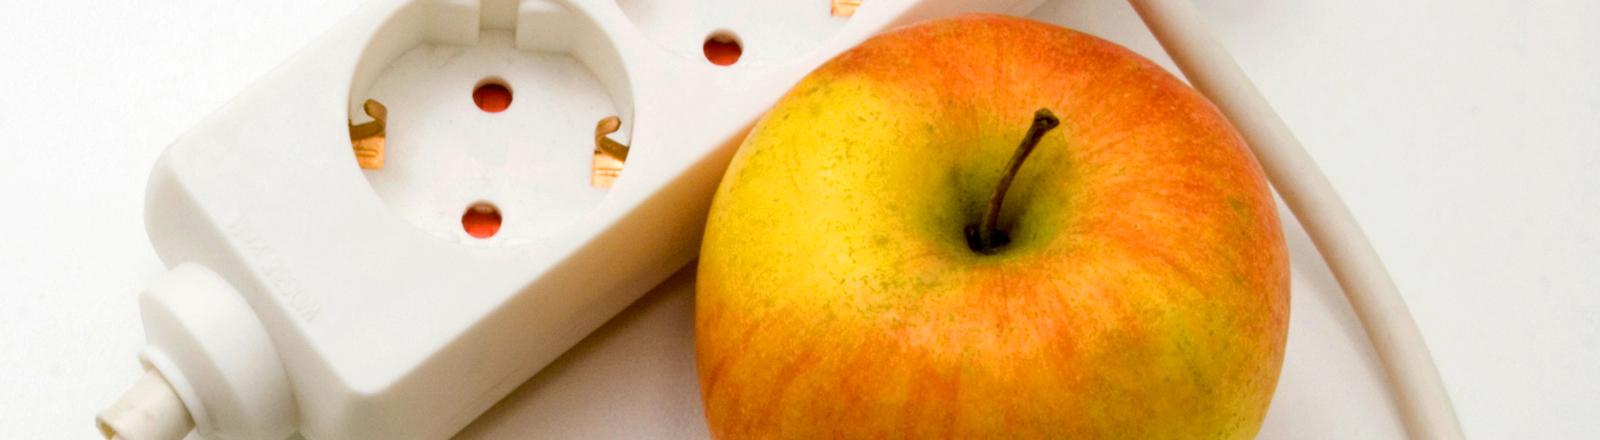 Apfel und Mehrfachsteckdose